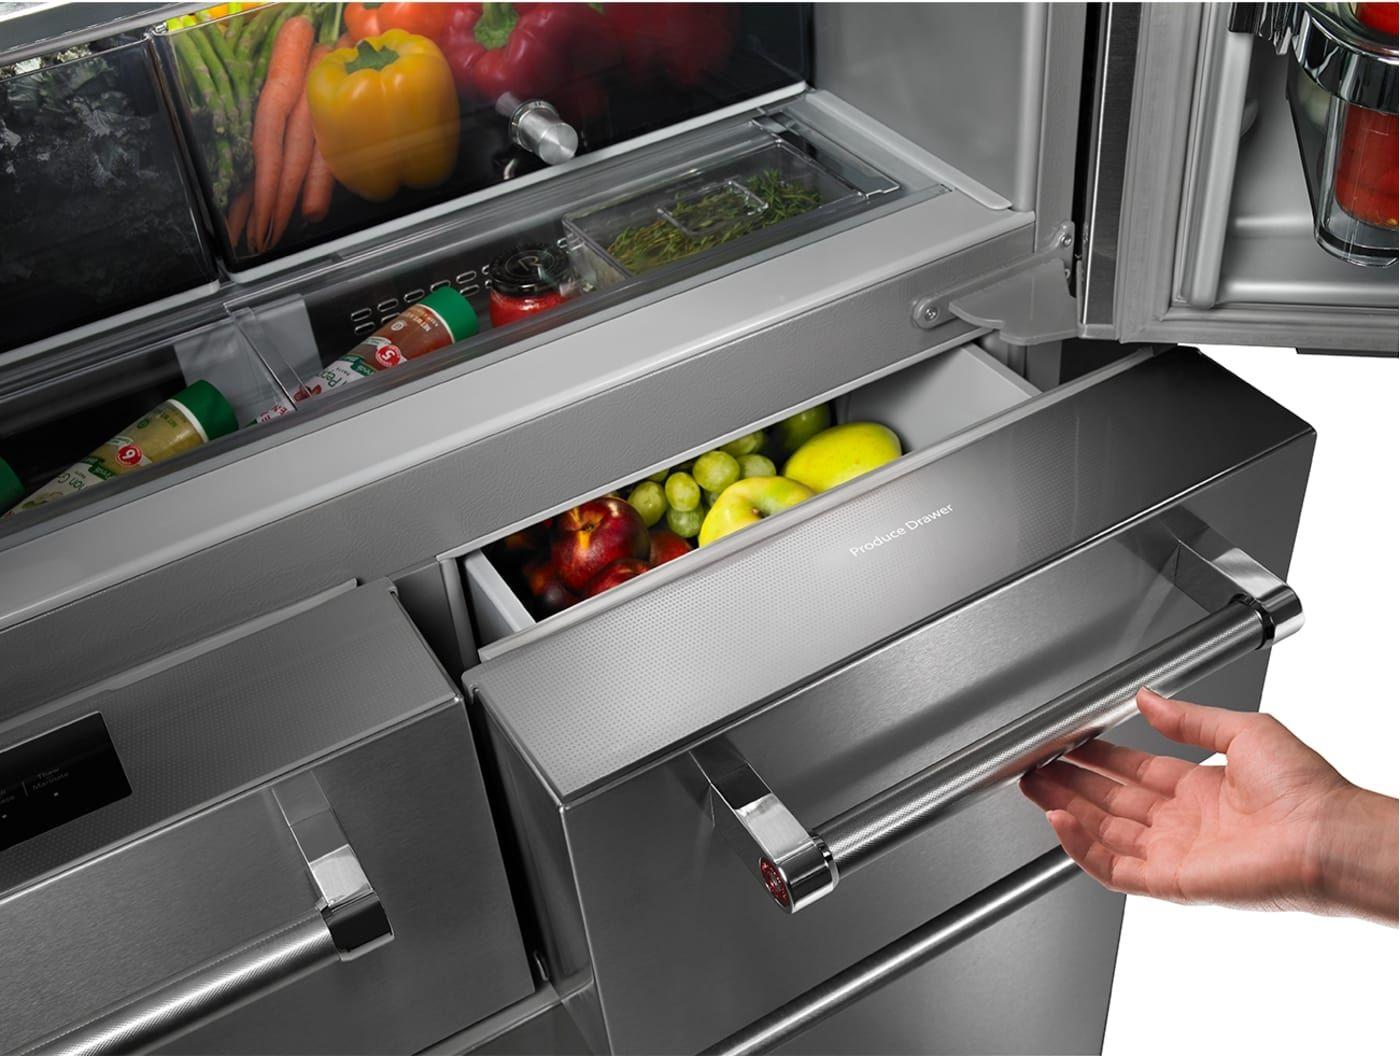 Kitchenaidkrmf706ess french door refrigerator kitchen